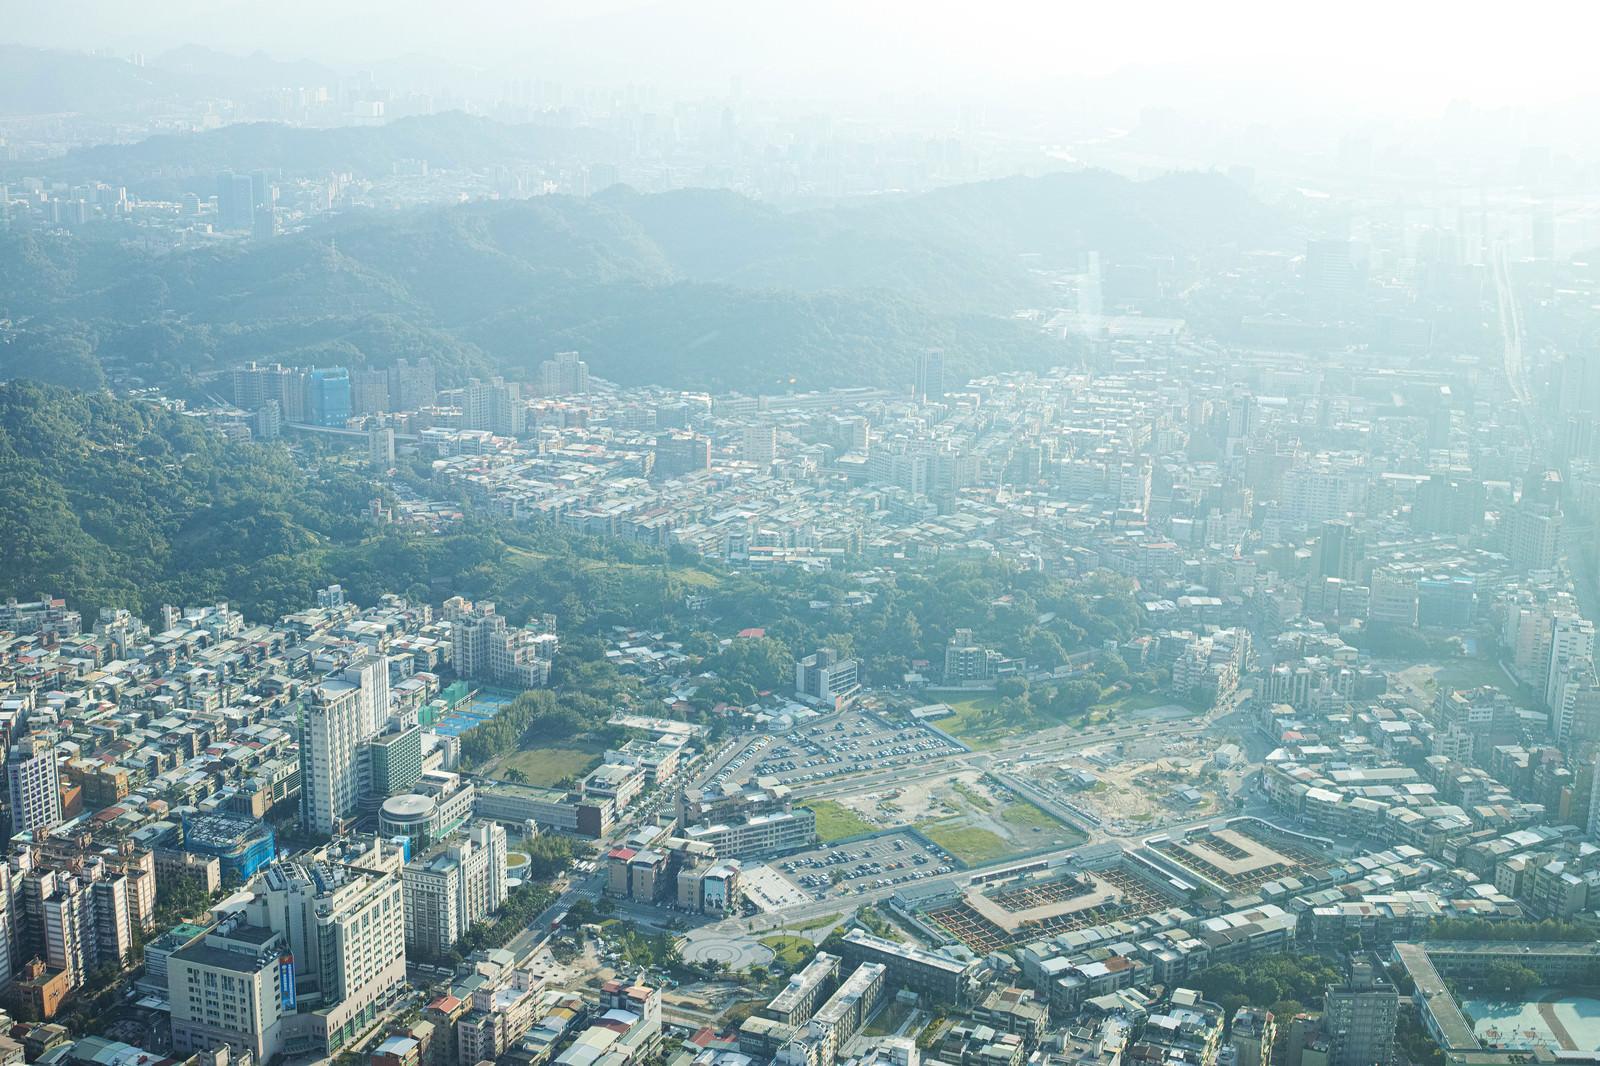 「台北の自然と街並み(台湾)」の写真